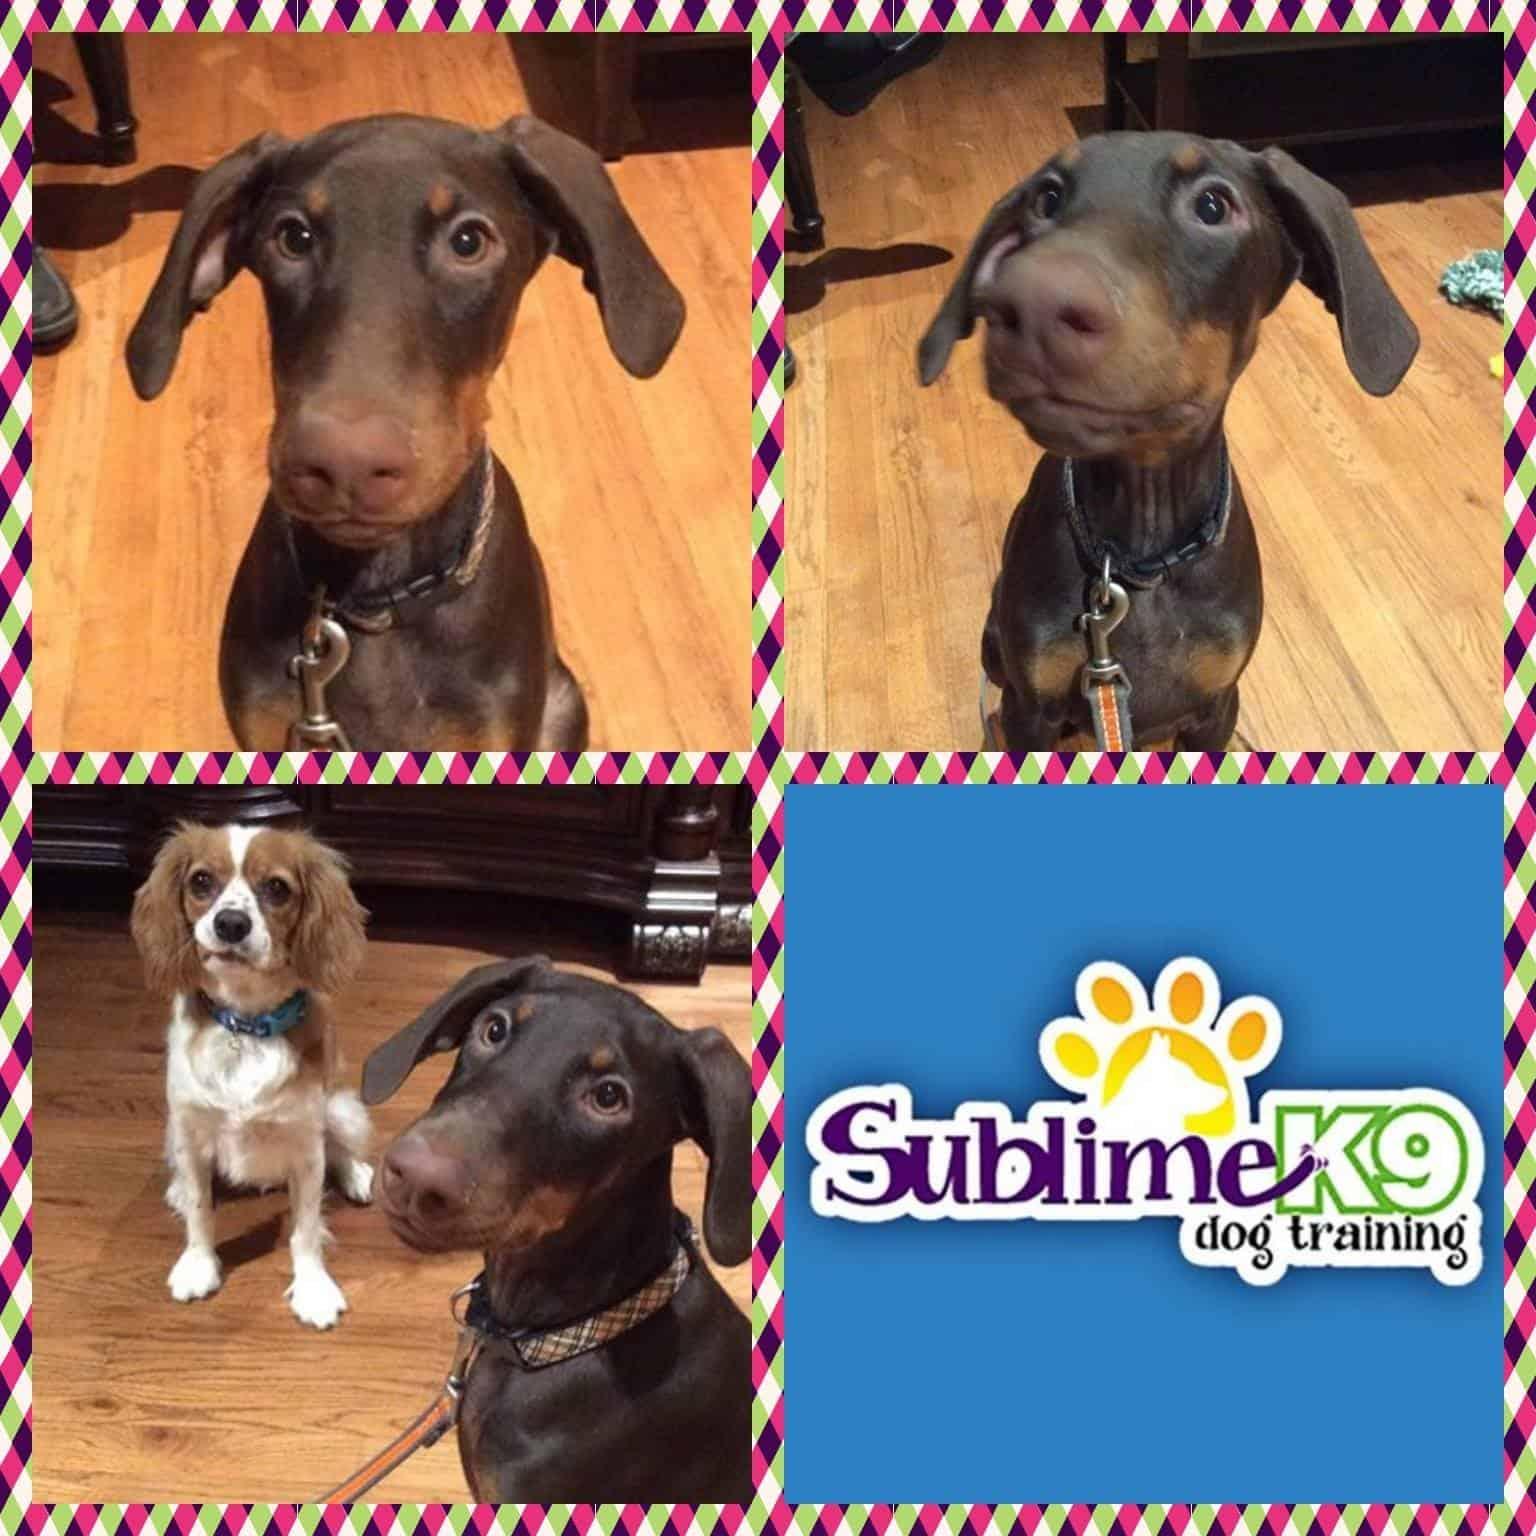 Sublime K Dog Training